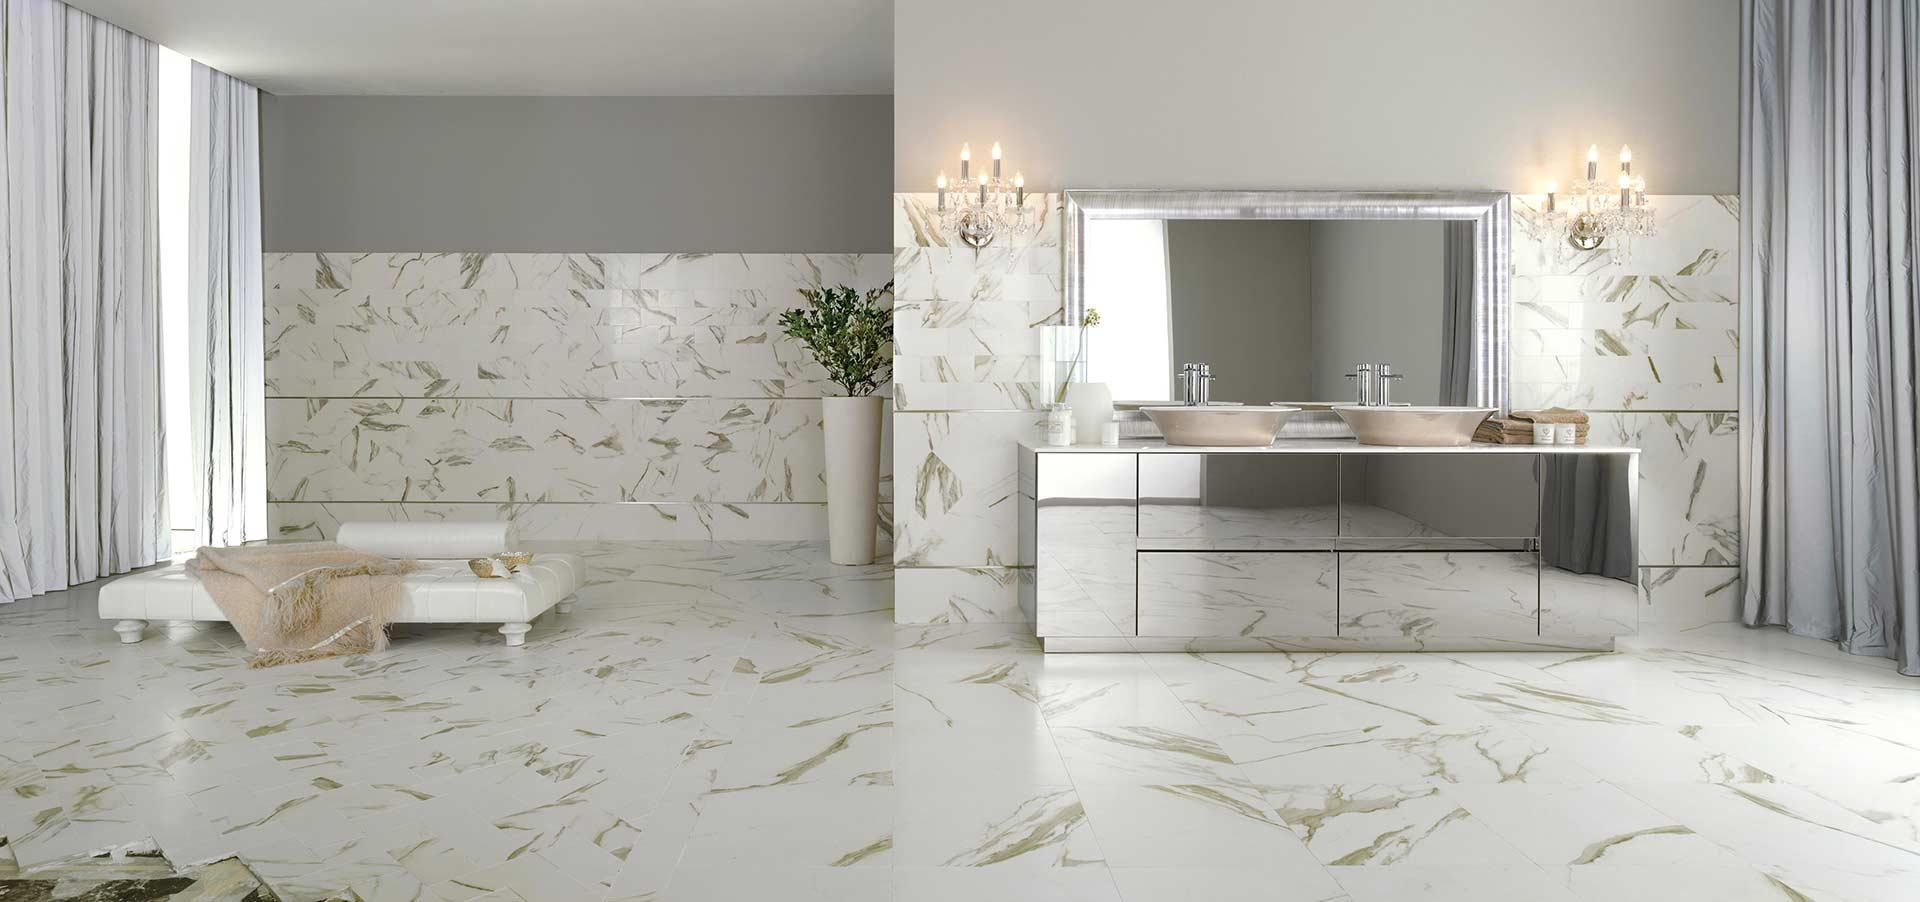 L 39 effetto marmo classico e senza tempo di cotto d 39 este orsolini - Bagno effetto marmo ...